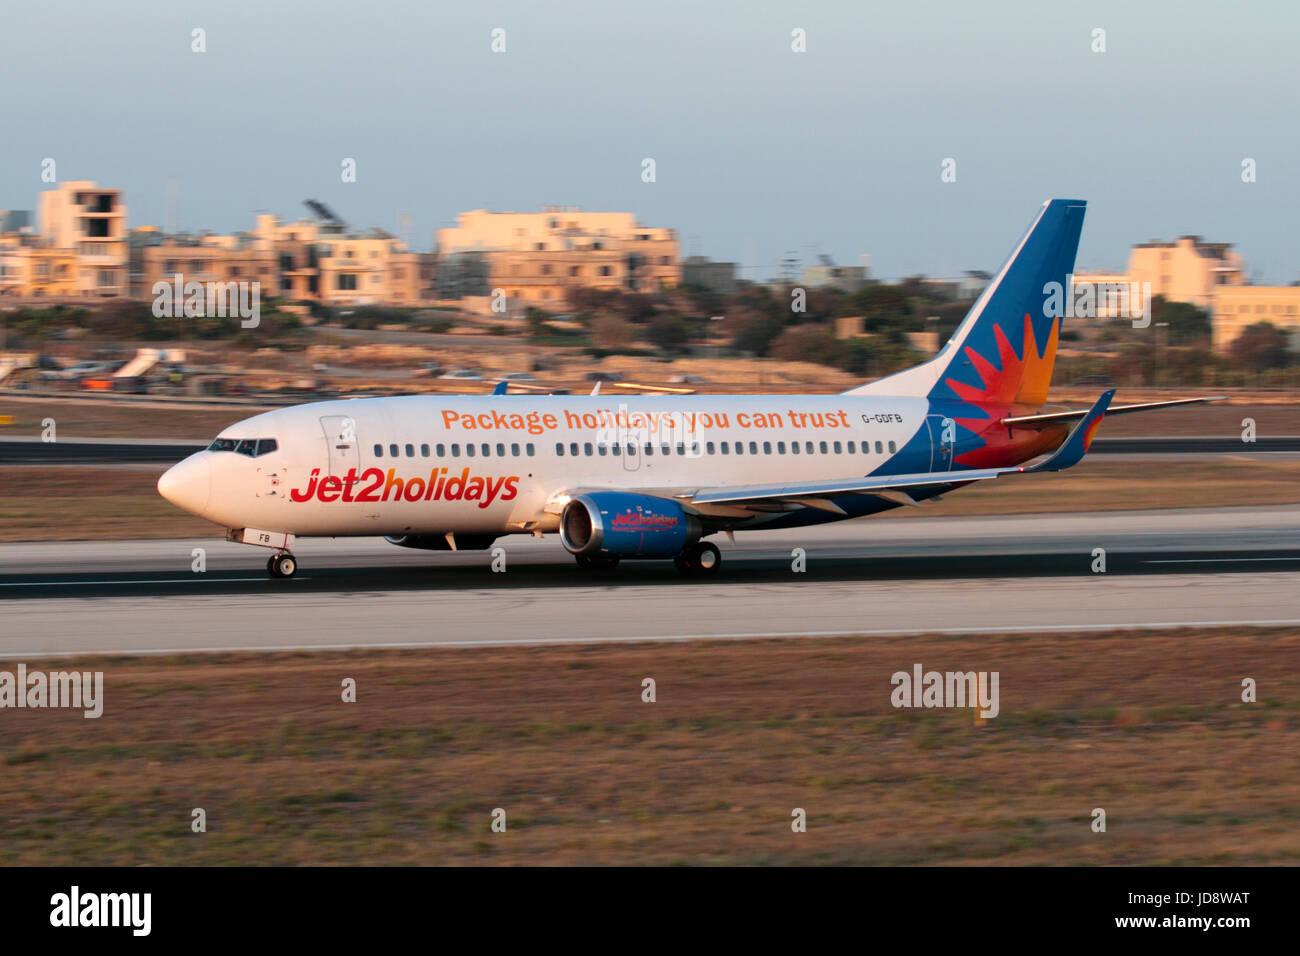 Compagnie aeree britanniche nell'UE. Jet2 Boeing 737-300 aereo di linea in fase di accelerazione per il decollo Immagini Stock